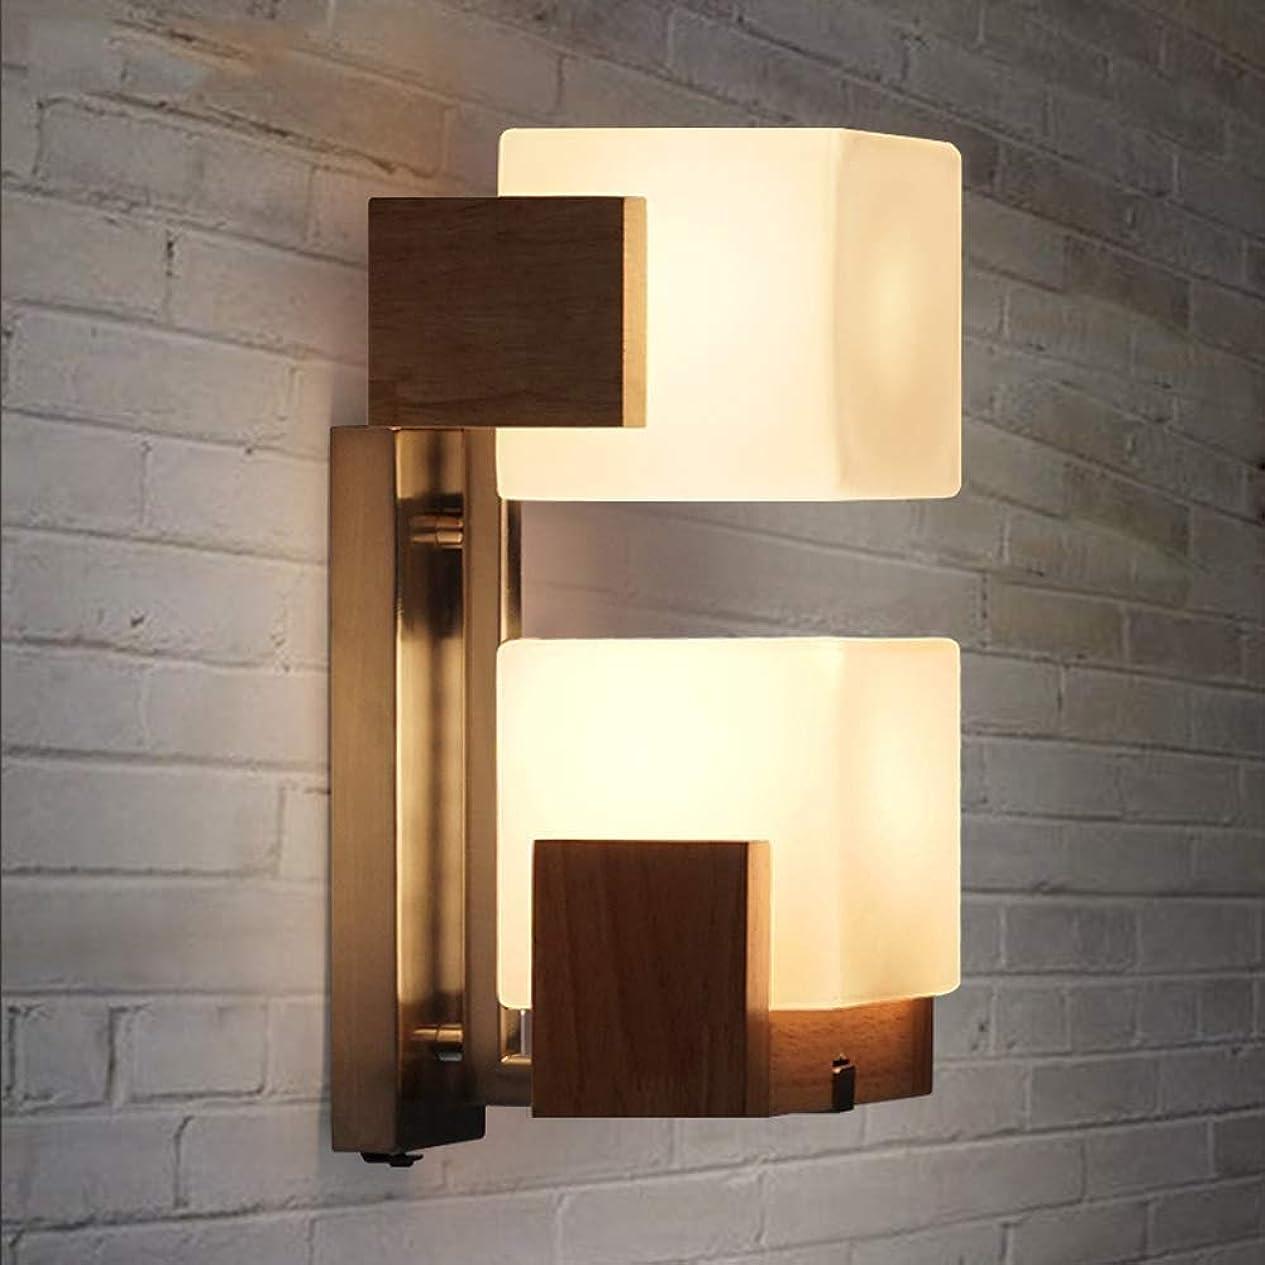 特徴ターゲット有害なZBJJ 2ライトクリエイティブスクエアソリッドウッドの壁ランプライト現代のシンプルな壁取り付け用燭台ガラスシェード用ベッドサイド廊下のリビングルーム - ホワイト